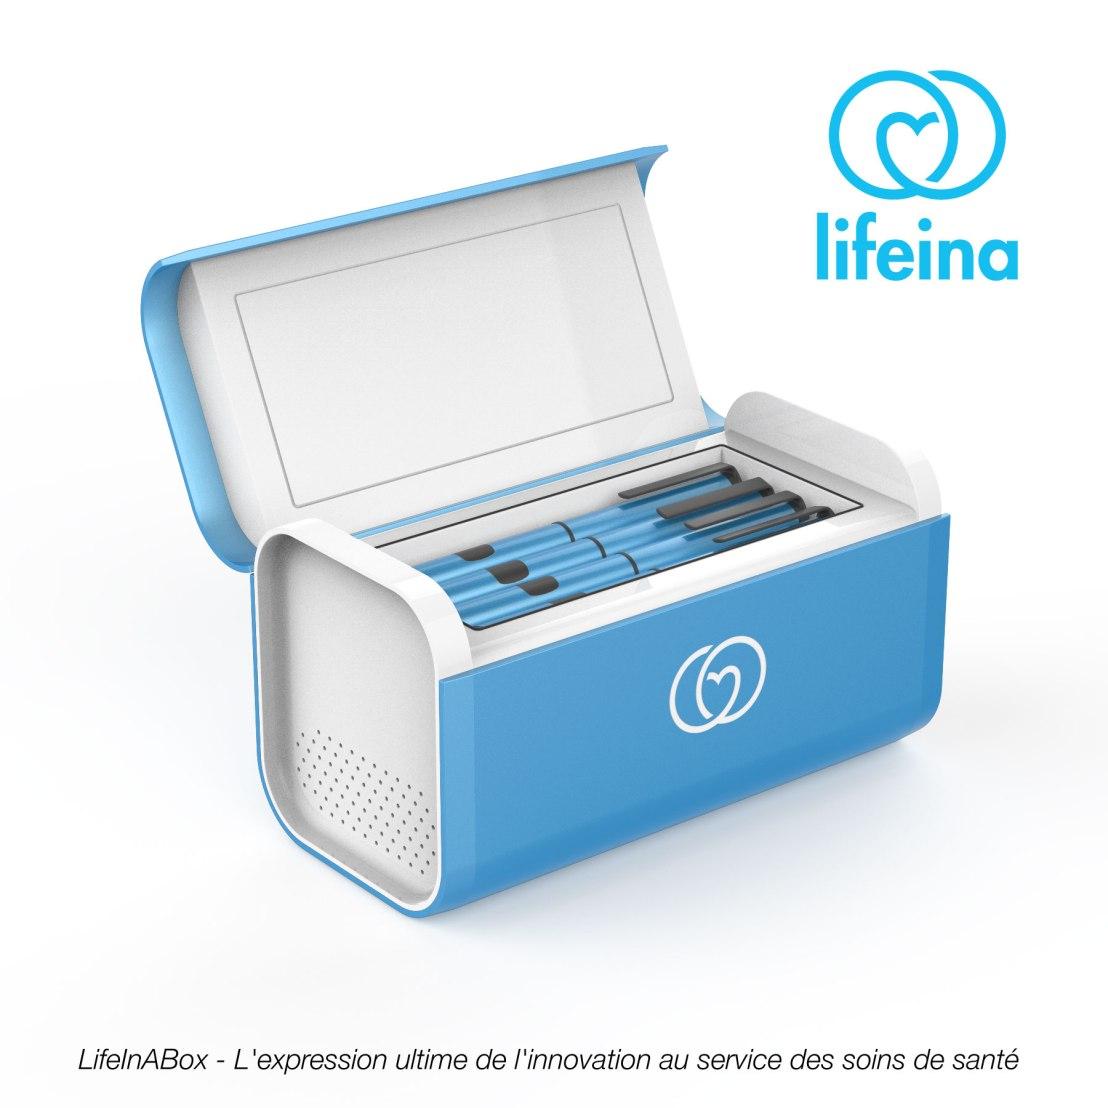 LifeInA Une start-up innovante au service de lasanté